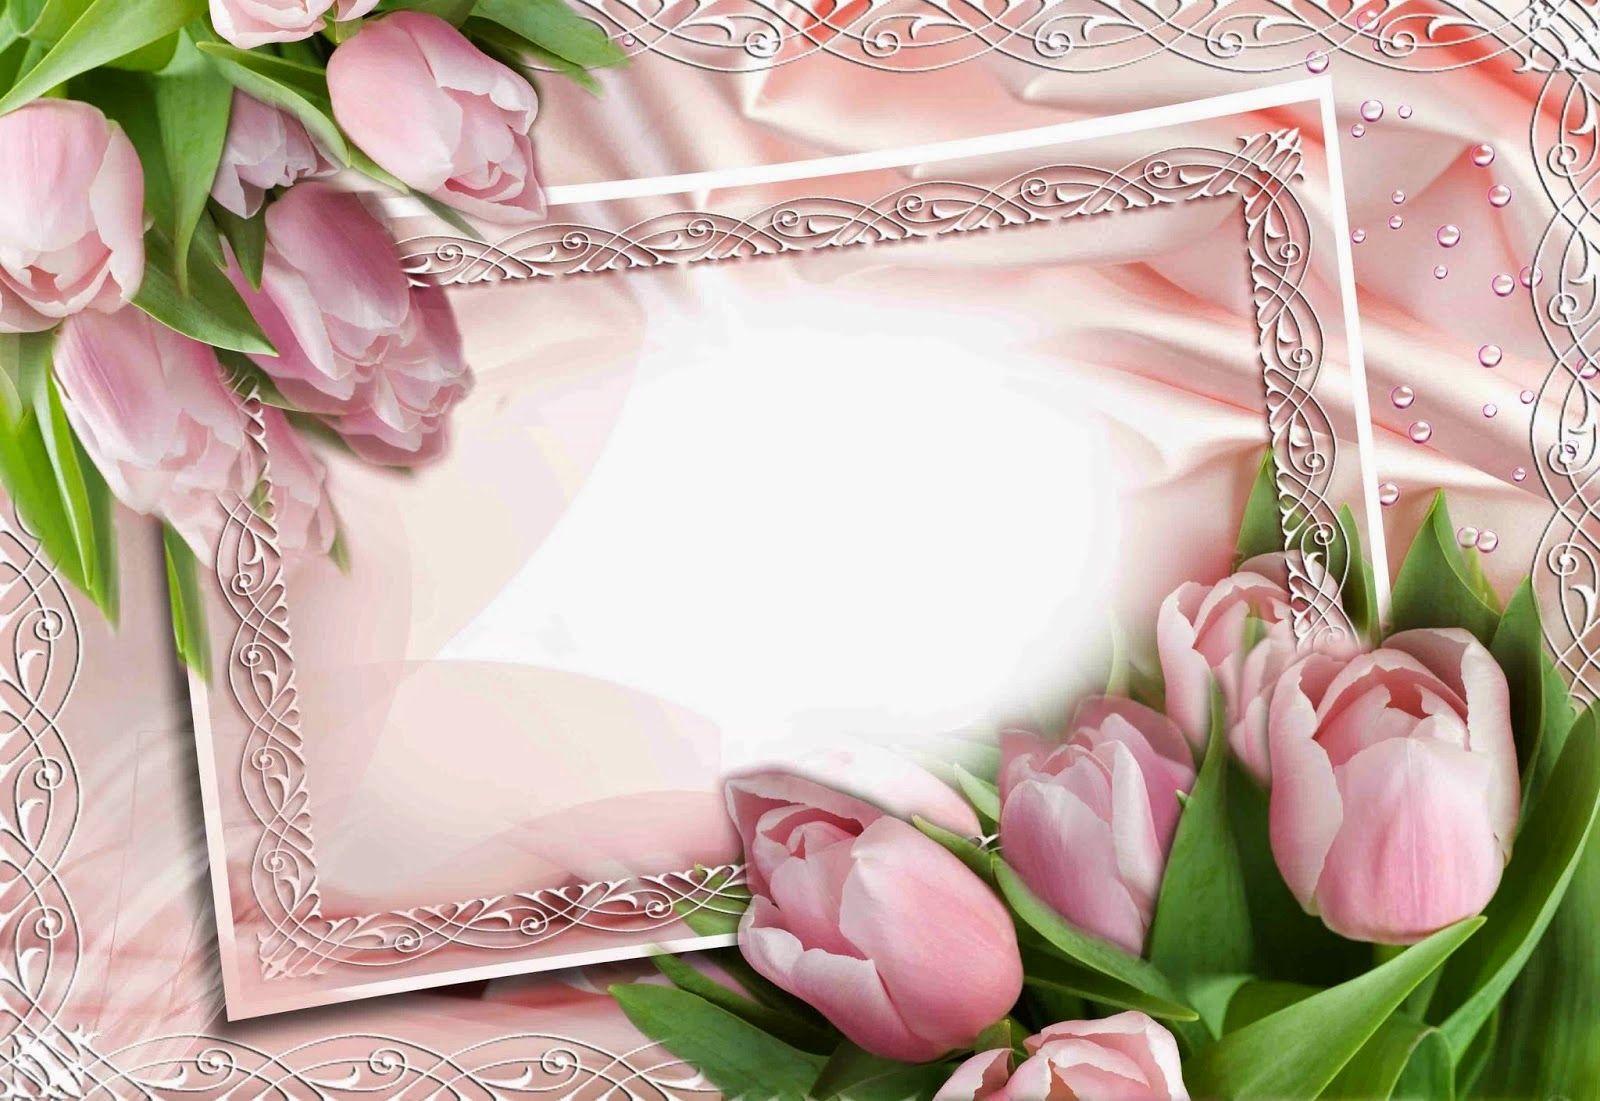 вставить фото в рамку с тюльпанами спальный